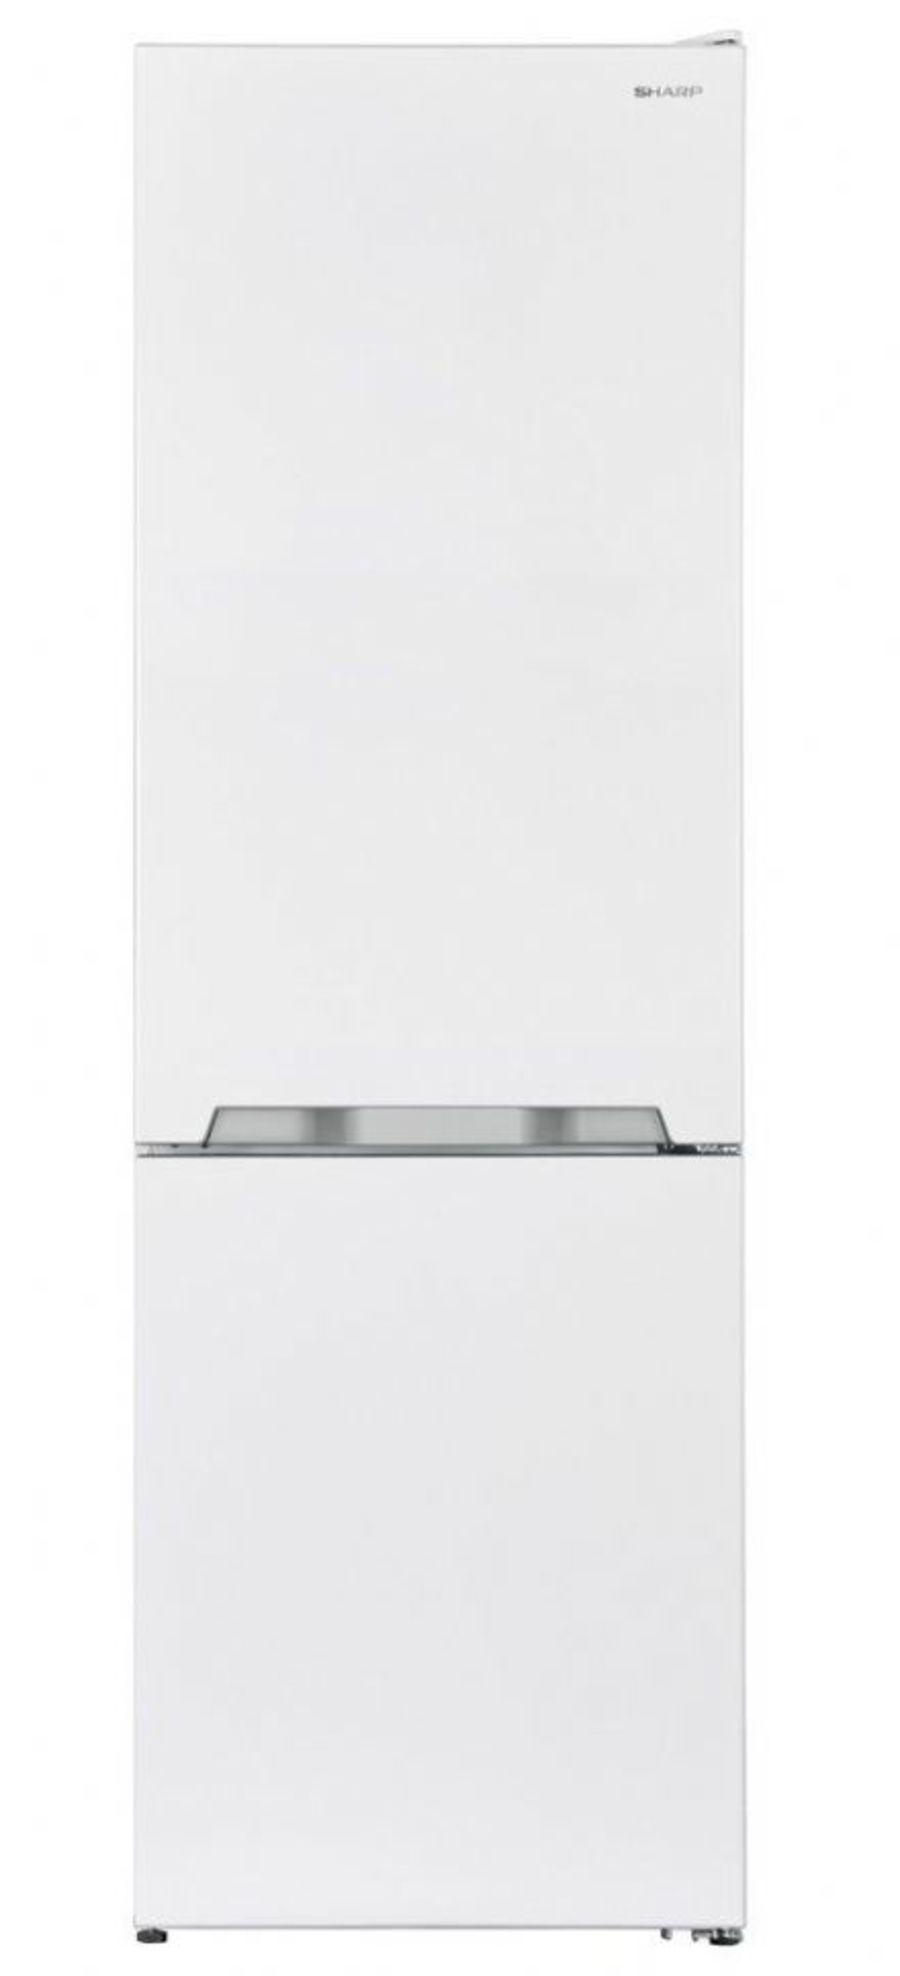 Sharp 'No Frost' Fridge Freezer SJBM324W